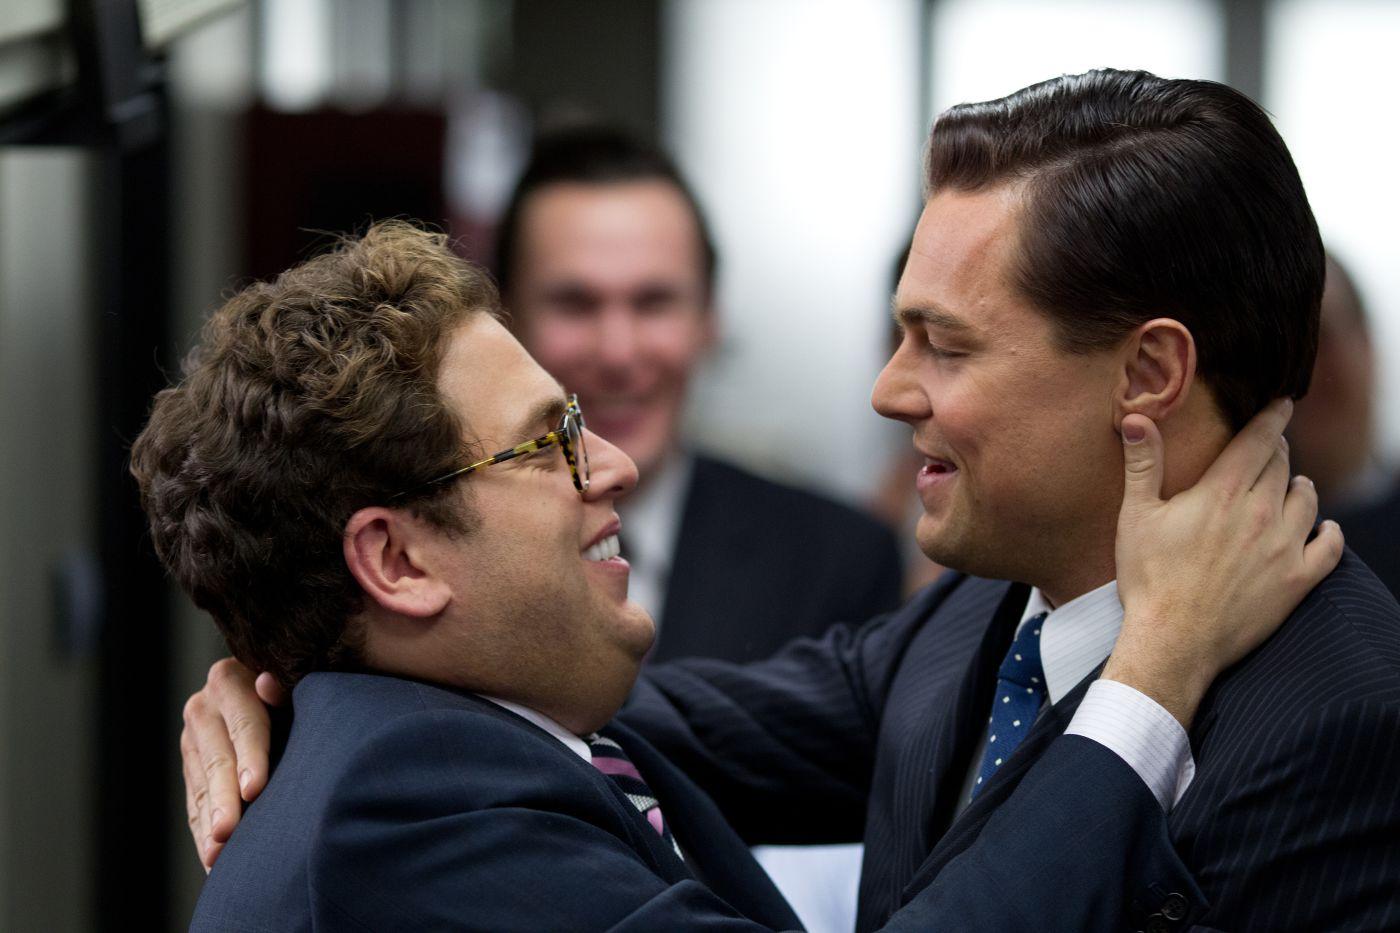 Cenas cômicas de O Lobo de Wall Street permitem mudança de categoria (photo by www.outnow.ch)